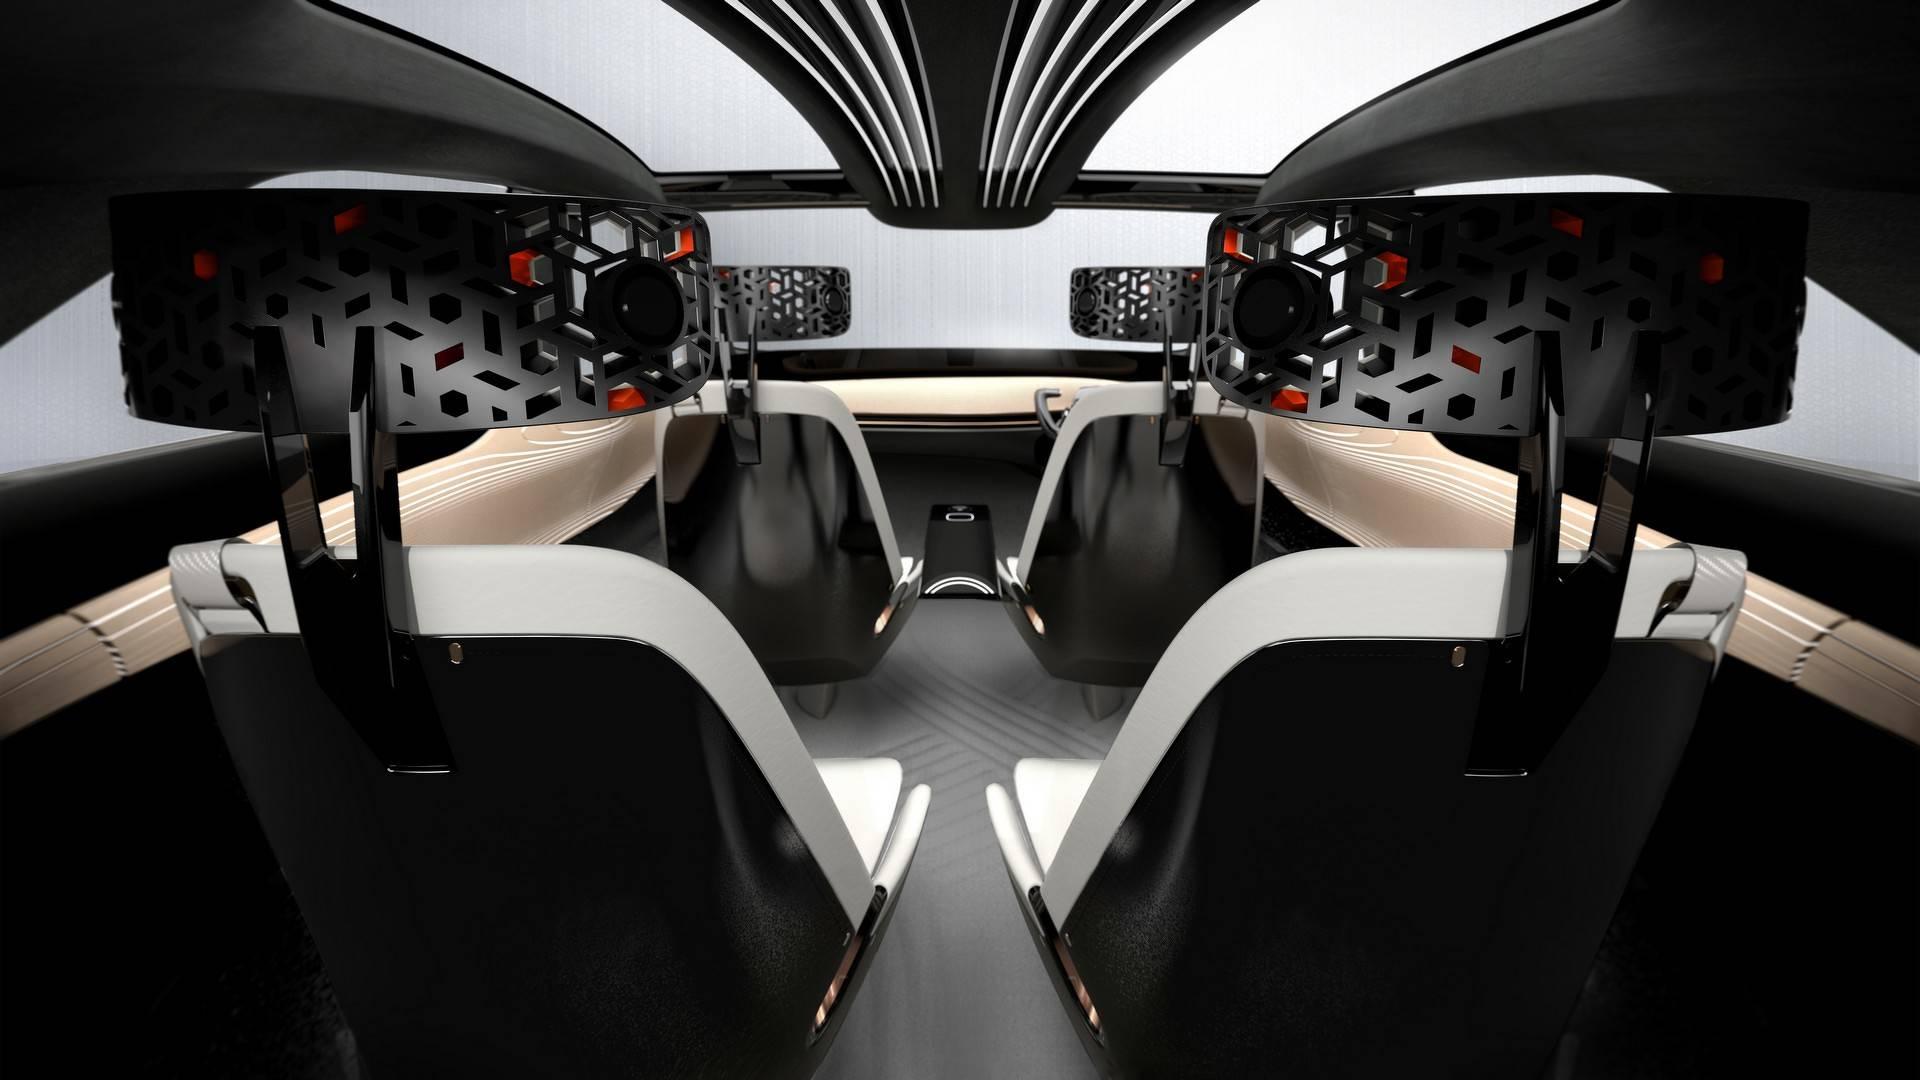 خودرویی برقی با شتاب ۰ تا ۱۰۰ در کمتر از ۵ ثانیه